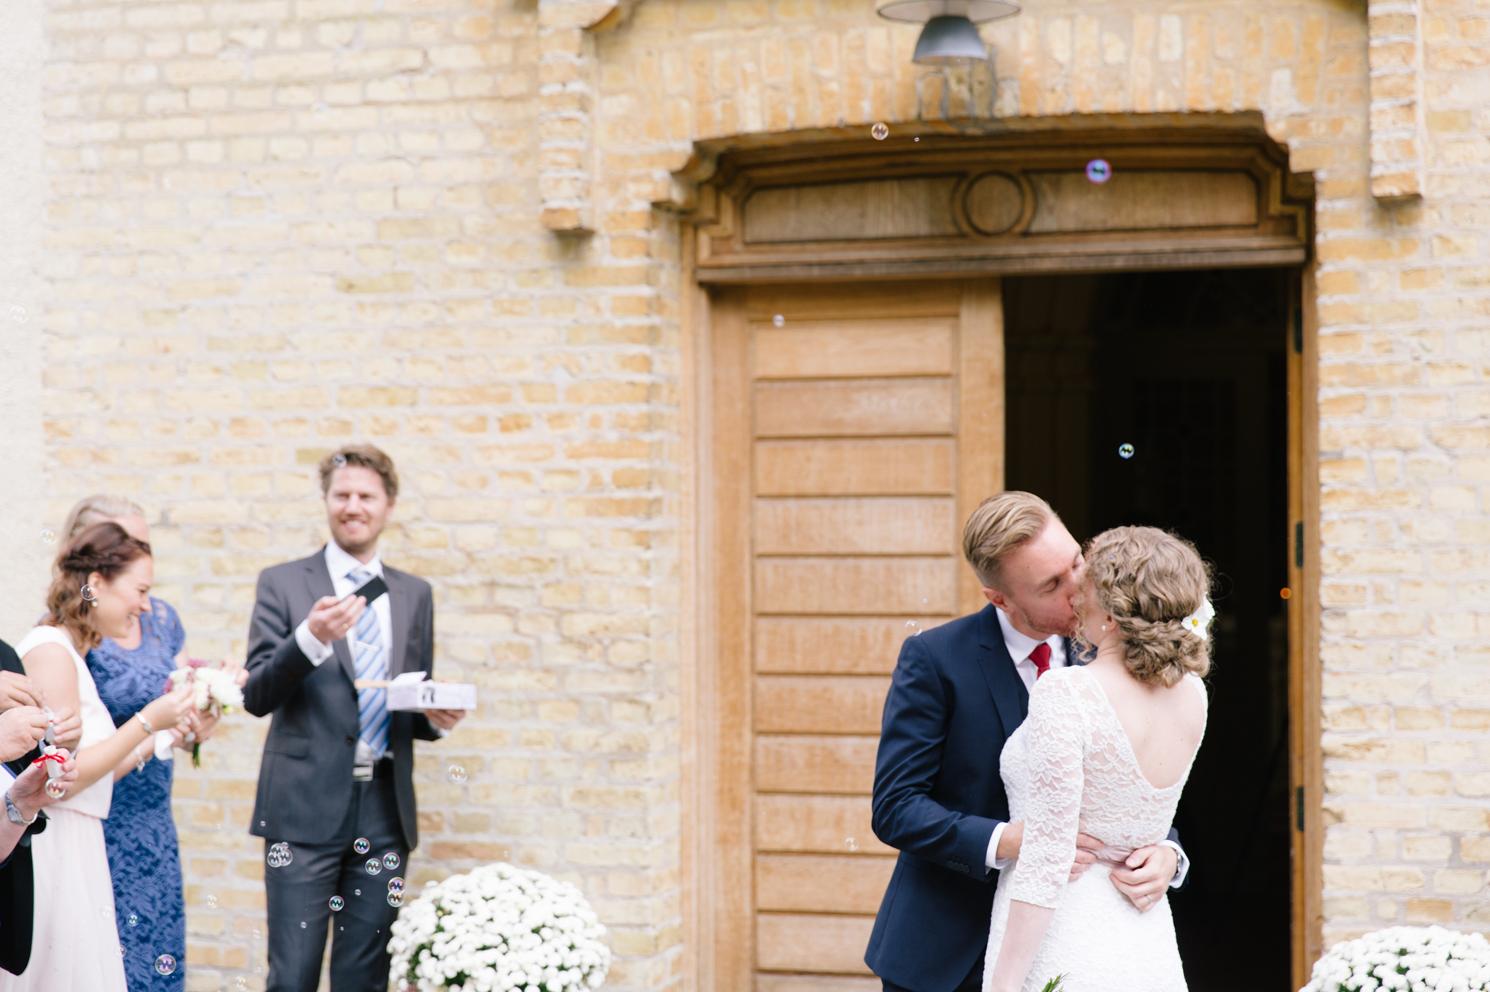 brollopsfotografering-maria-o-photo-vigsel-ortofta-slott-ortofta-kyrka-gratulationer-2